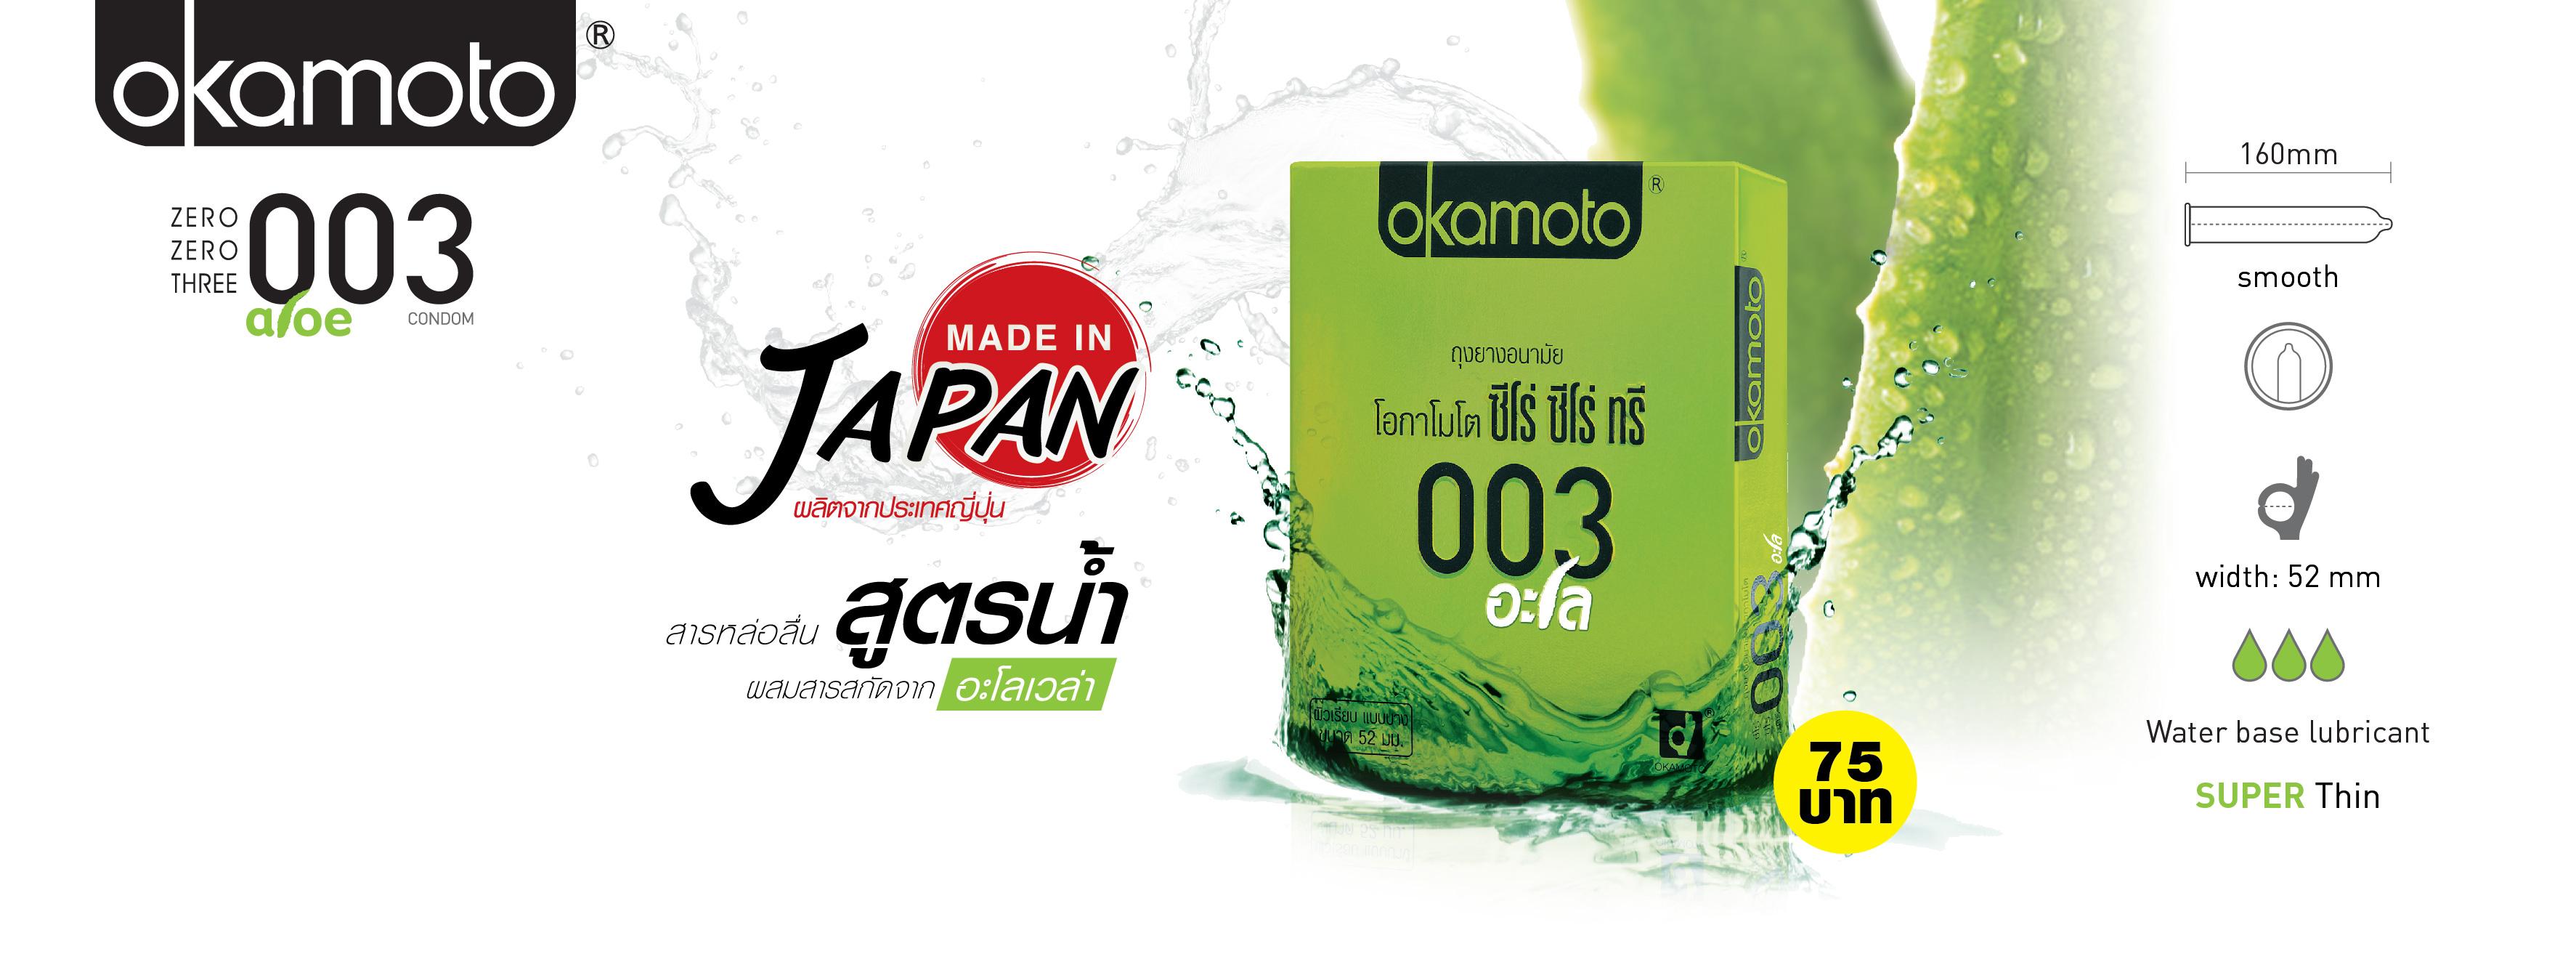 Okamoto 003 Aloe